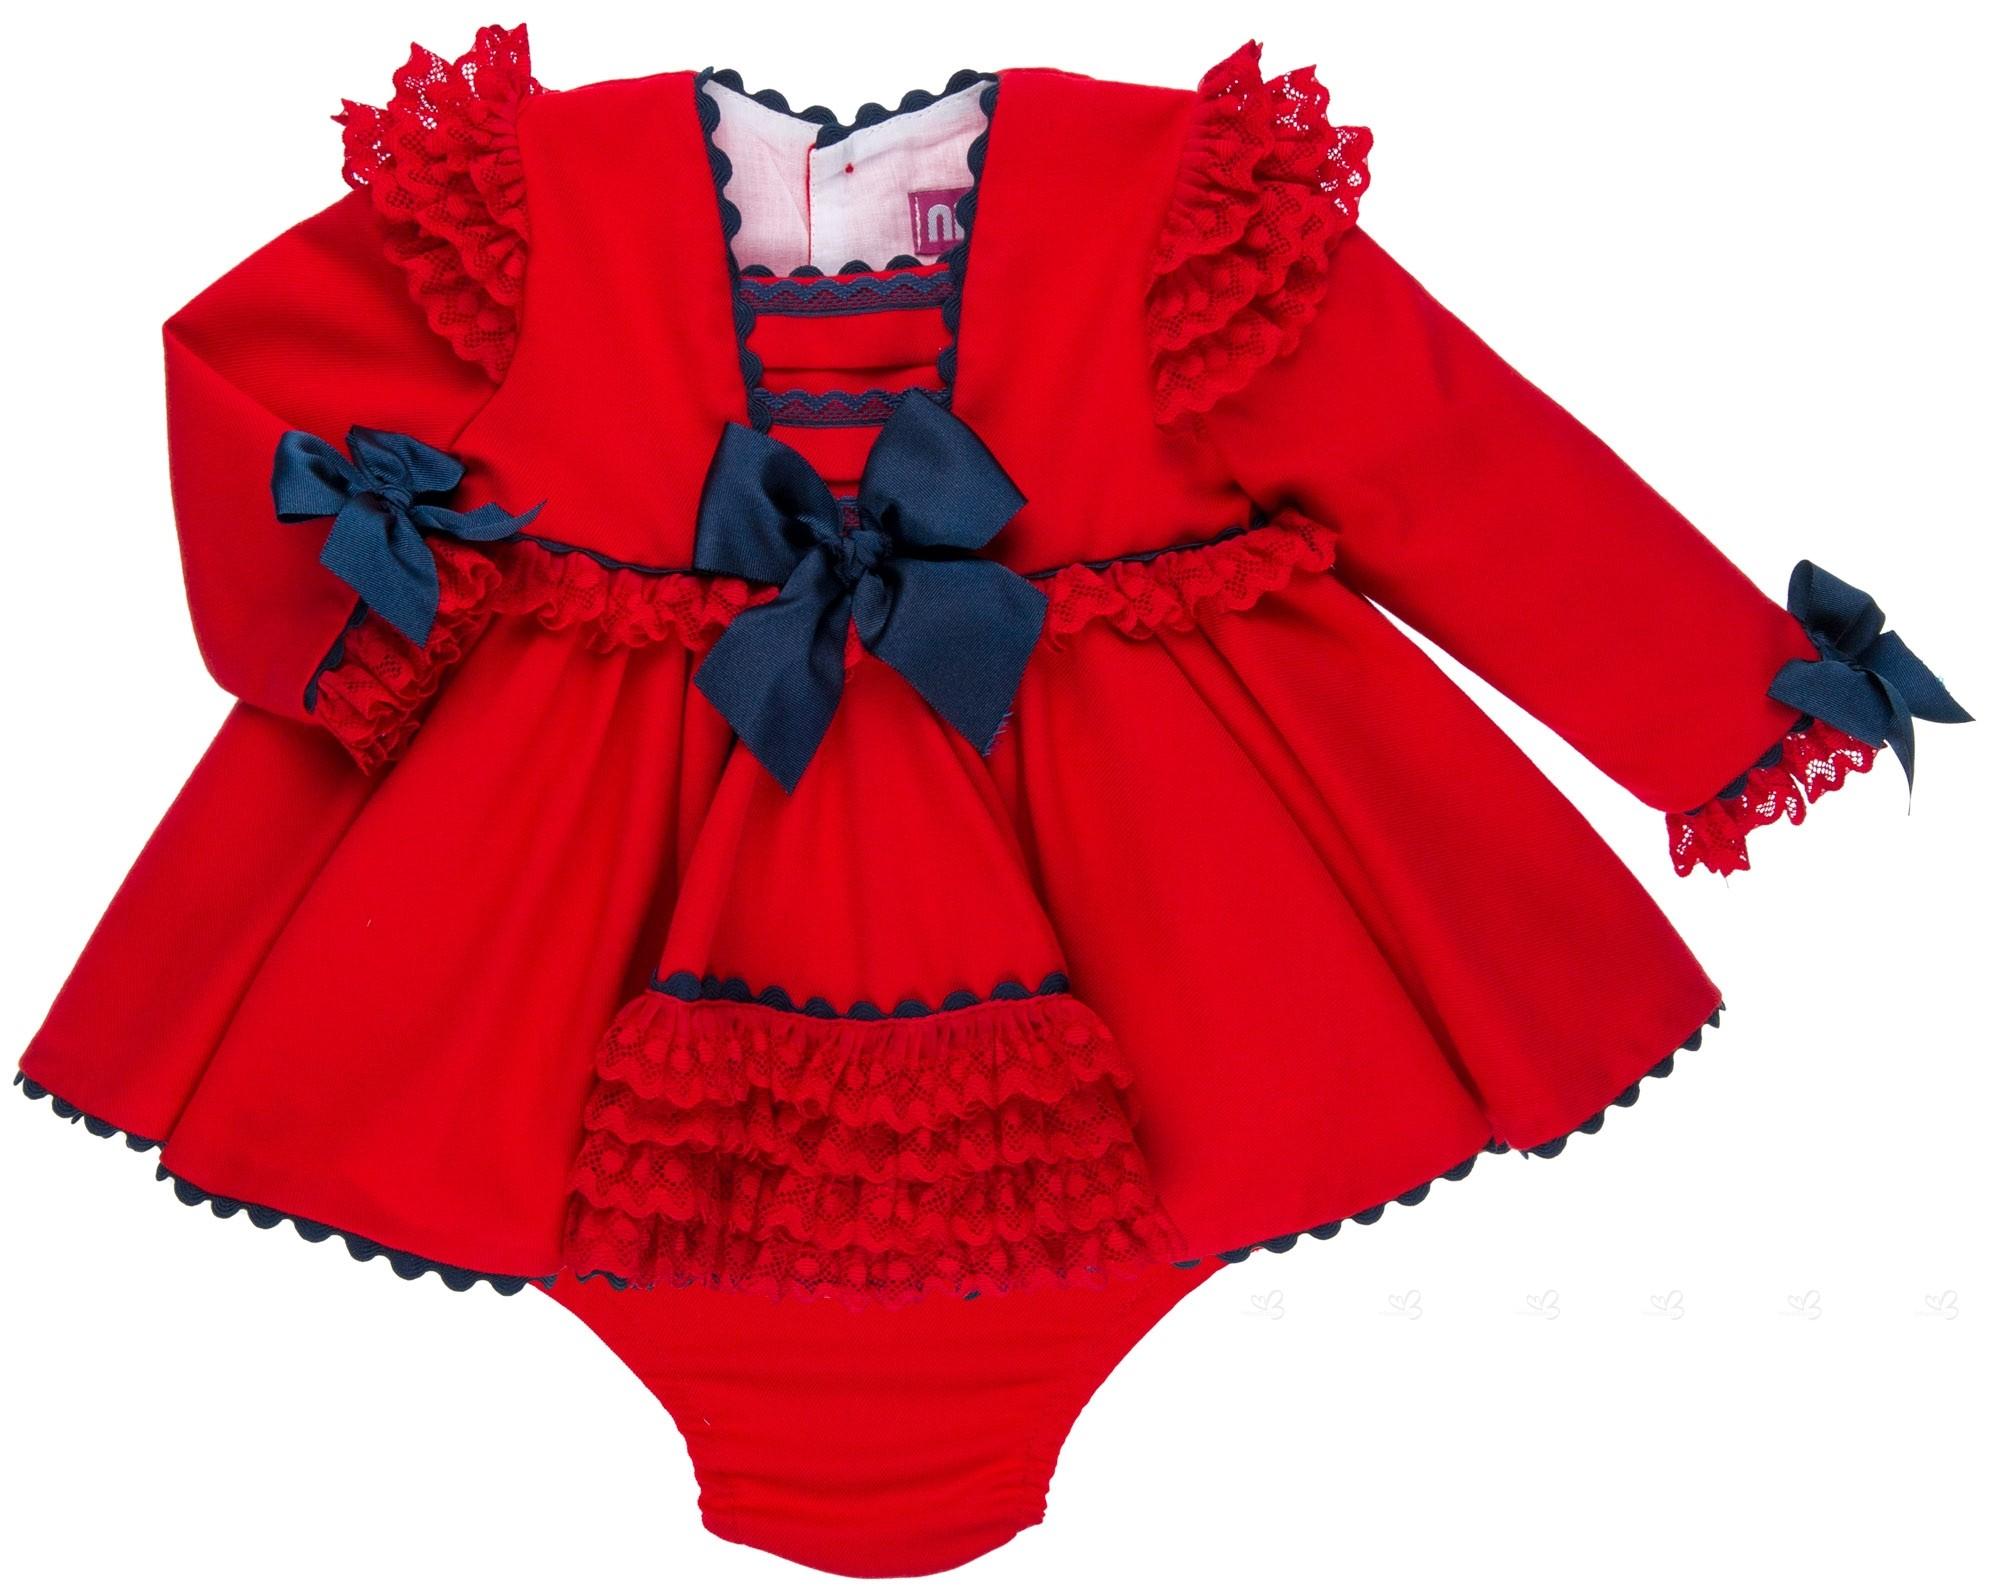 609acbd01 Nini Moda Infantil Conjunto Bebé Niña Vestido Rojo   Lazos Marino ...